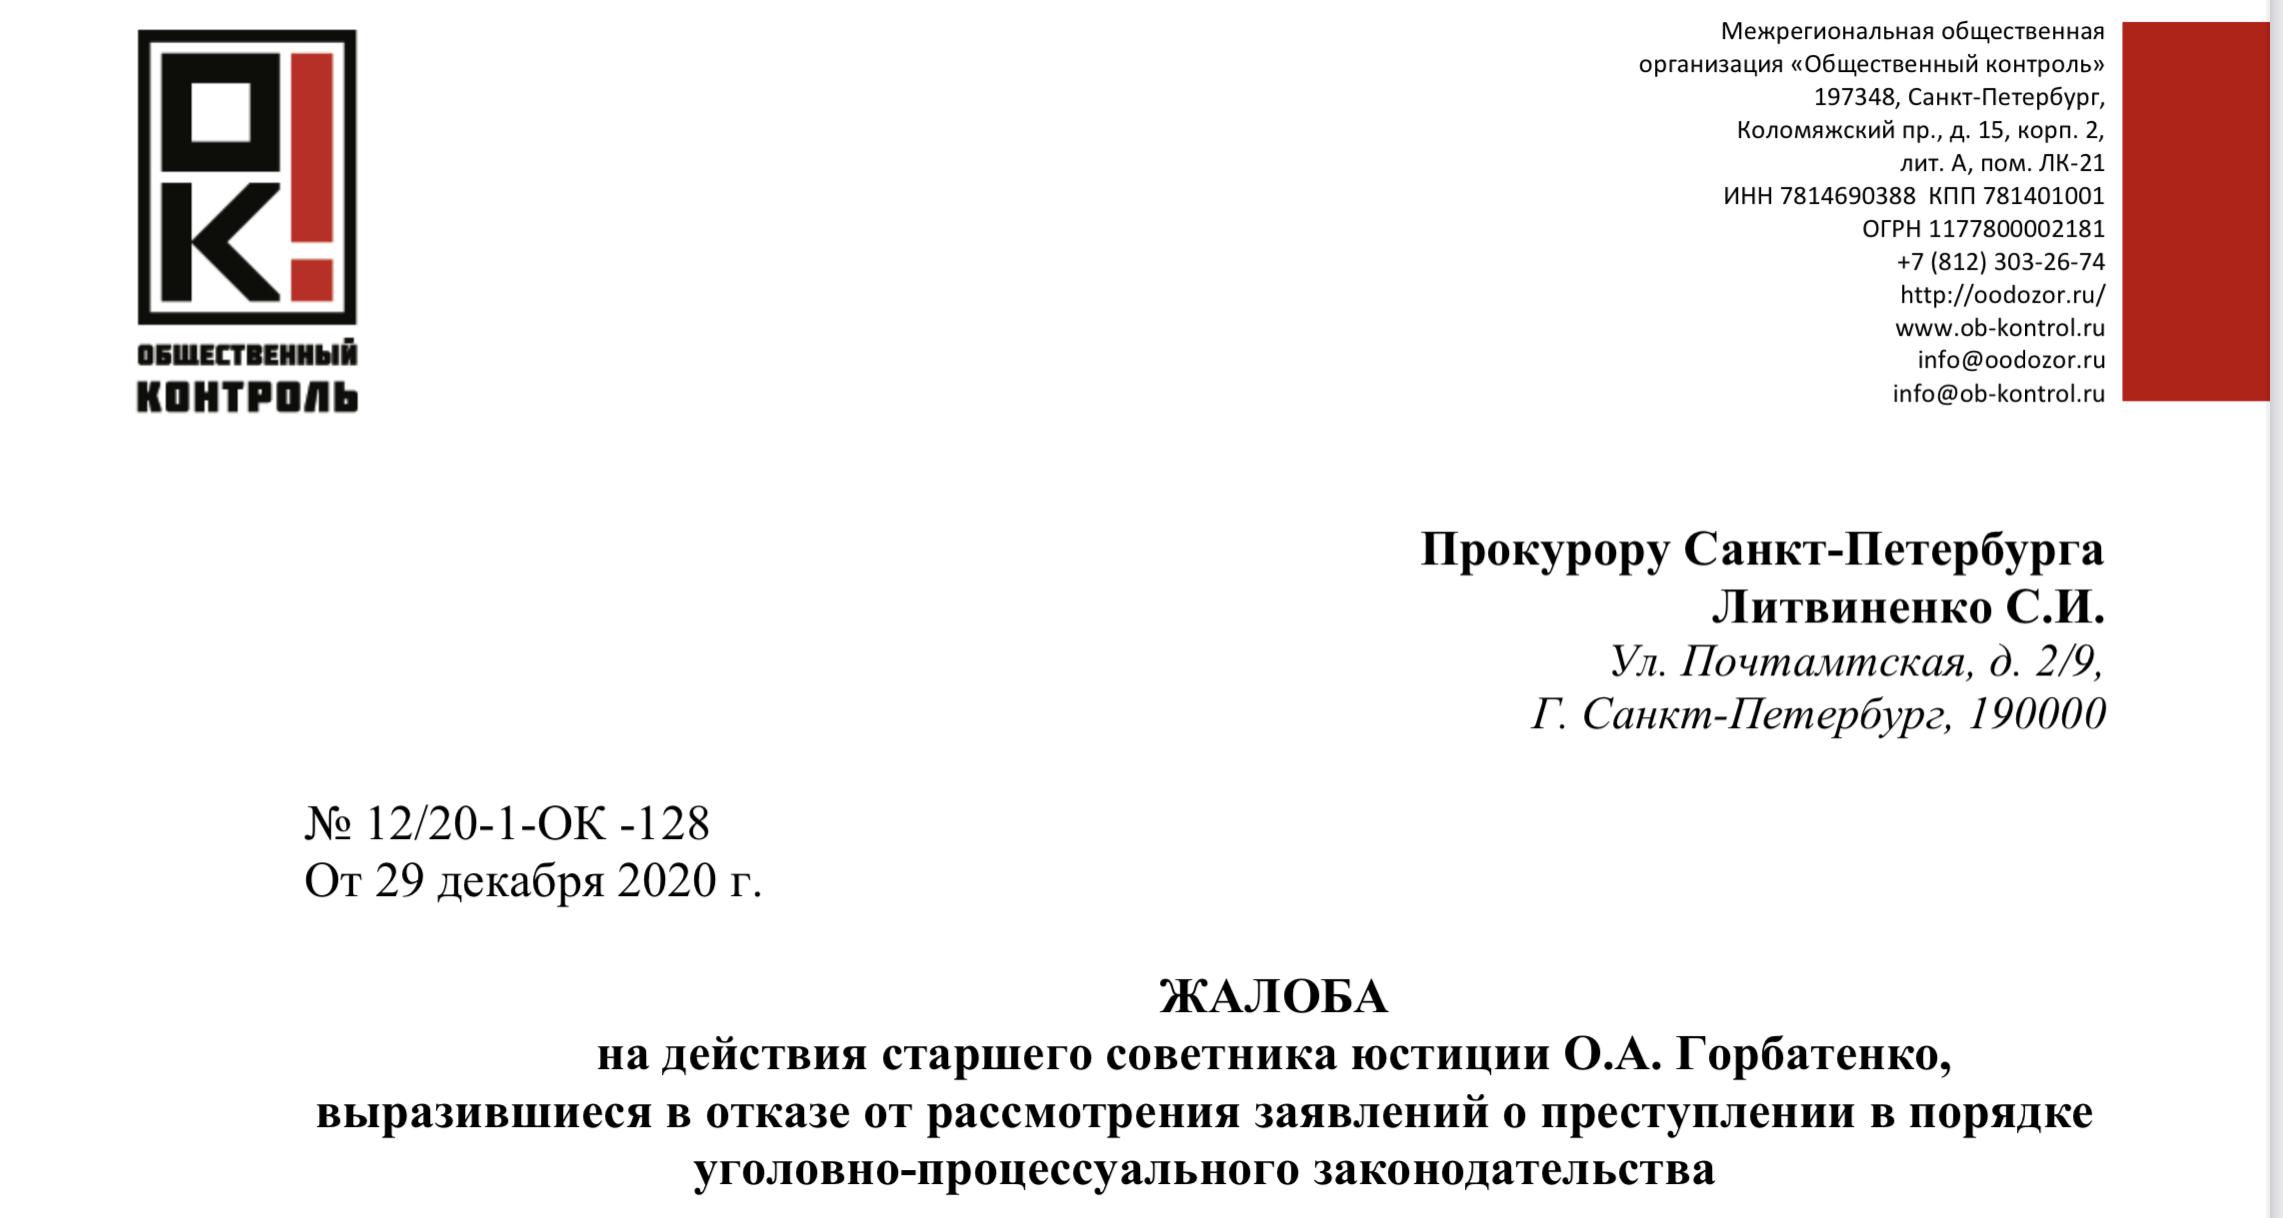 ЖАЛОБА Прокурору Санкт-Петербурга Литвиненко С.И. на действия старшего советника юстиции О.А. Горбатенко, выразившиеся в отказе от рассмотрения заявлений о преступлении в порядке уголовно-процессуального законодательства